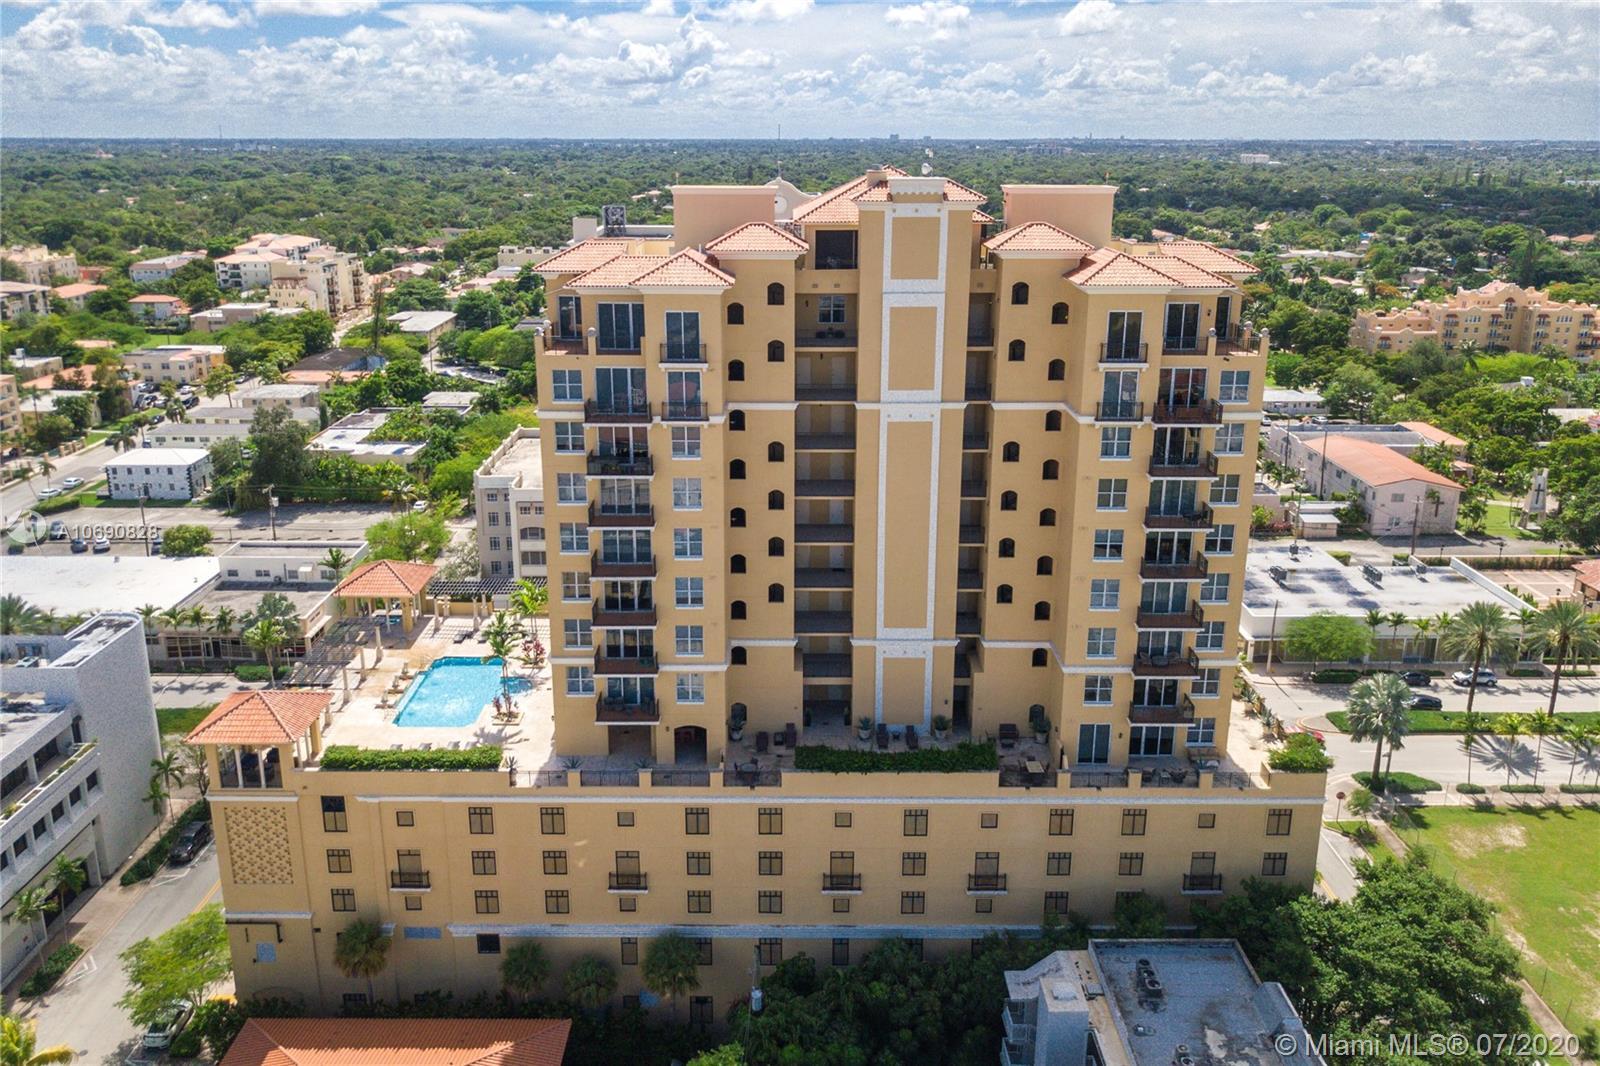 1607 Ponce De Leon Blvd # 7C, Coral Gables, Florida 33134, 2 Bedrooms Bedrooms, 1 Room Rooms,2 BathroomsBathrooms,Residential,For Sale,1607 Ponce De Leon Blvd # 7C,A10690828